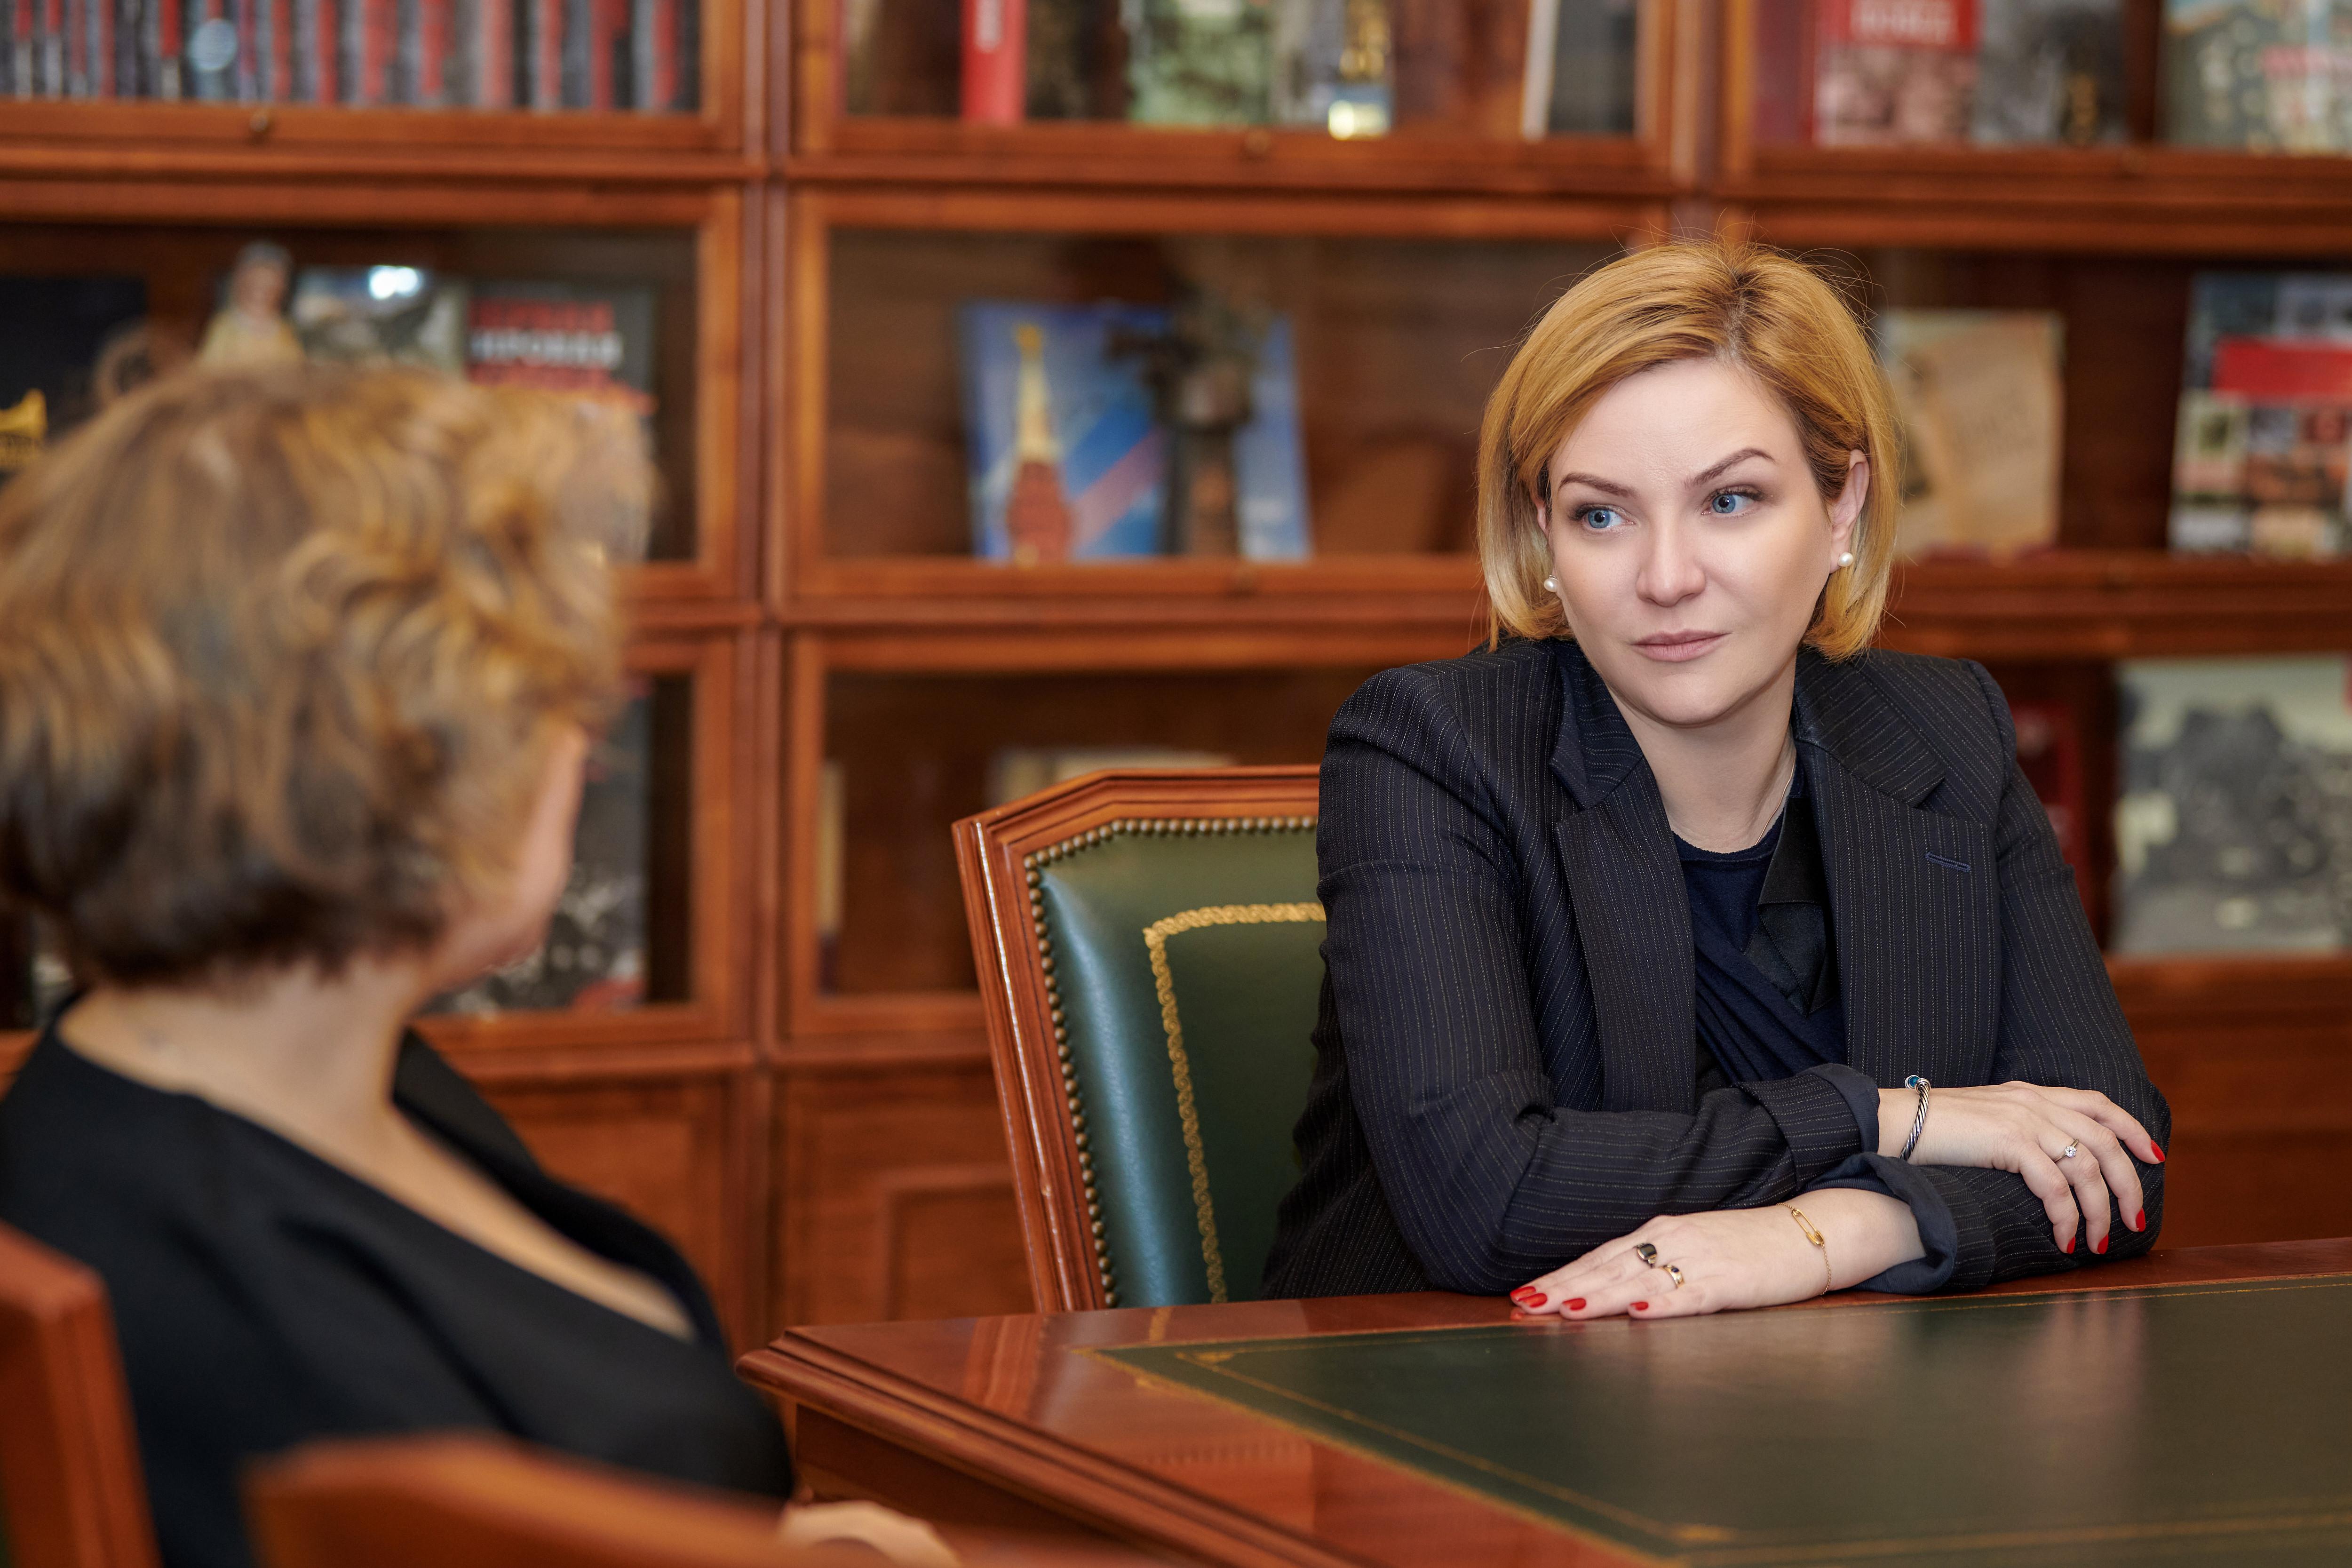 Проведение обучающего семинара для режиссёров-дебютантов обсудили в Минкультуры России